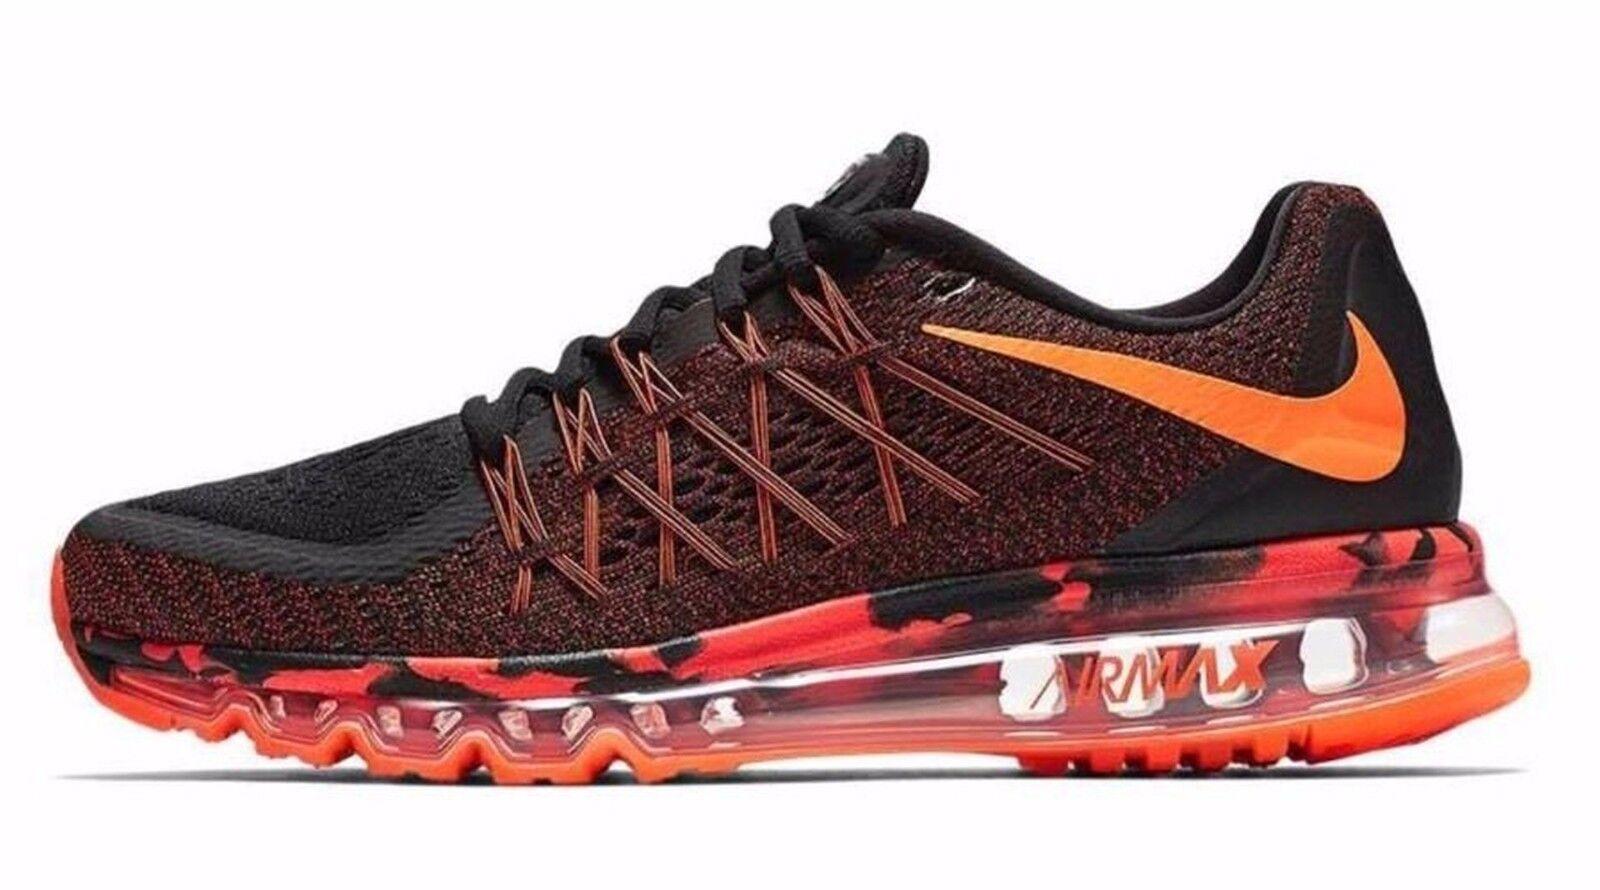 Nike air Uomo max, il premio scarpa Uomo air misura 7,5 nero totale 749373-008 arancione 2c0e89